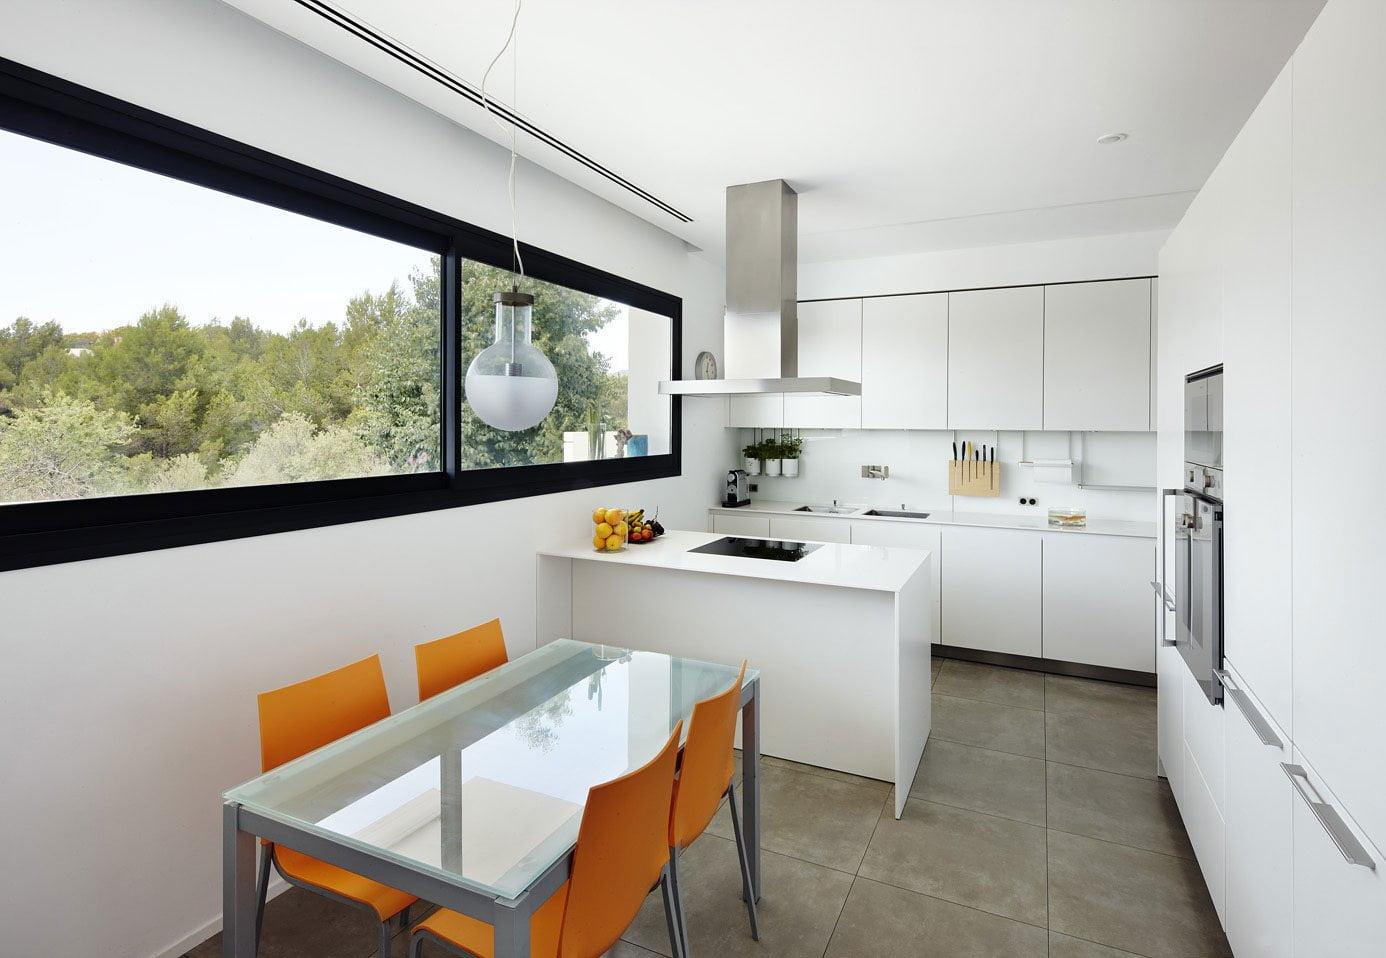 Diseño De Cocina Y Comedor | Mole Architects The Lanes Remodelista ...